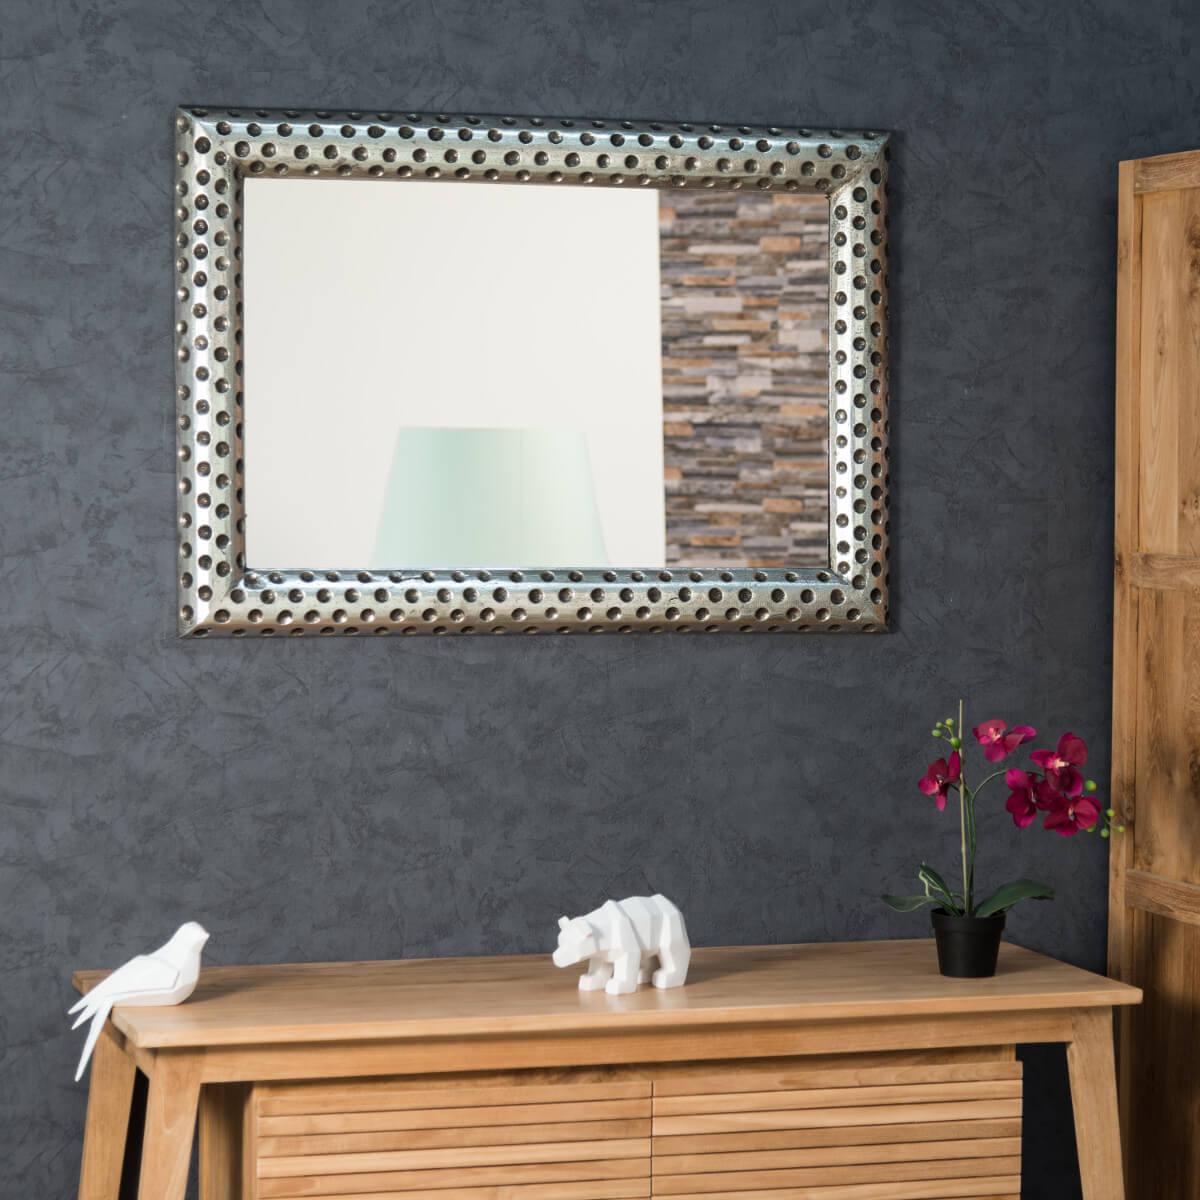 miroir de d coration en bois massif pampelune rectangulaire bois patin argent d 70 x. Black Bedroom Furniture Sets. Home Design Ideas